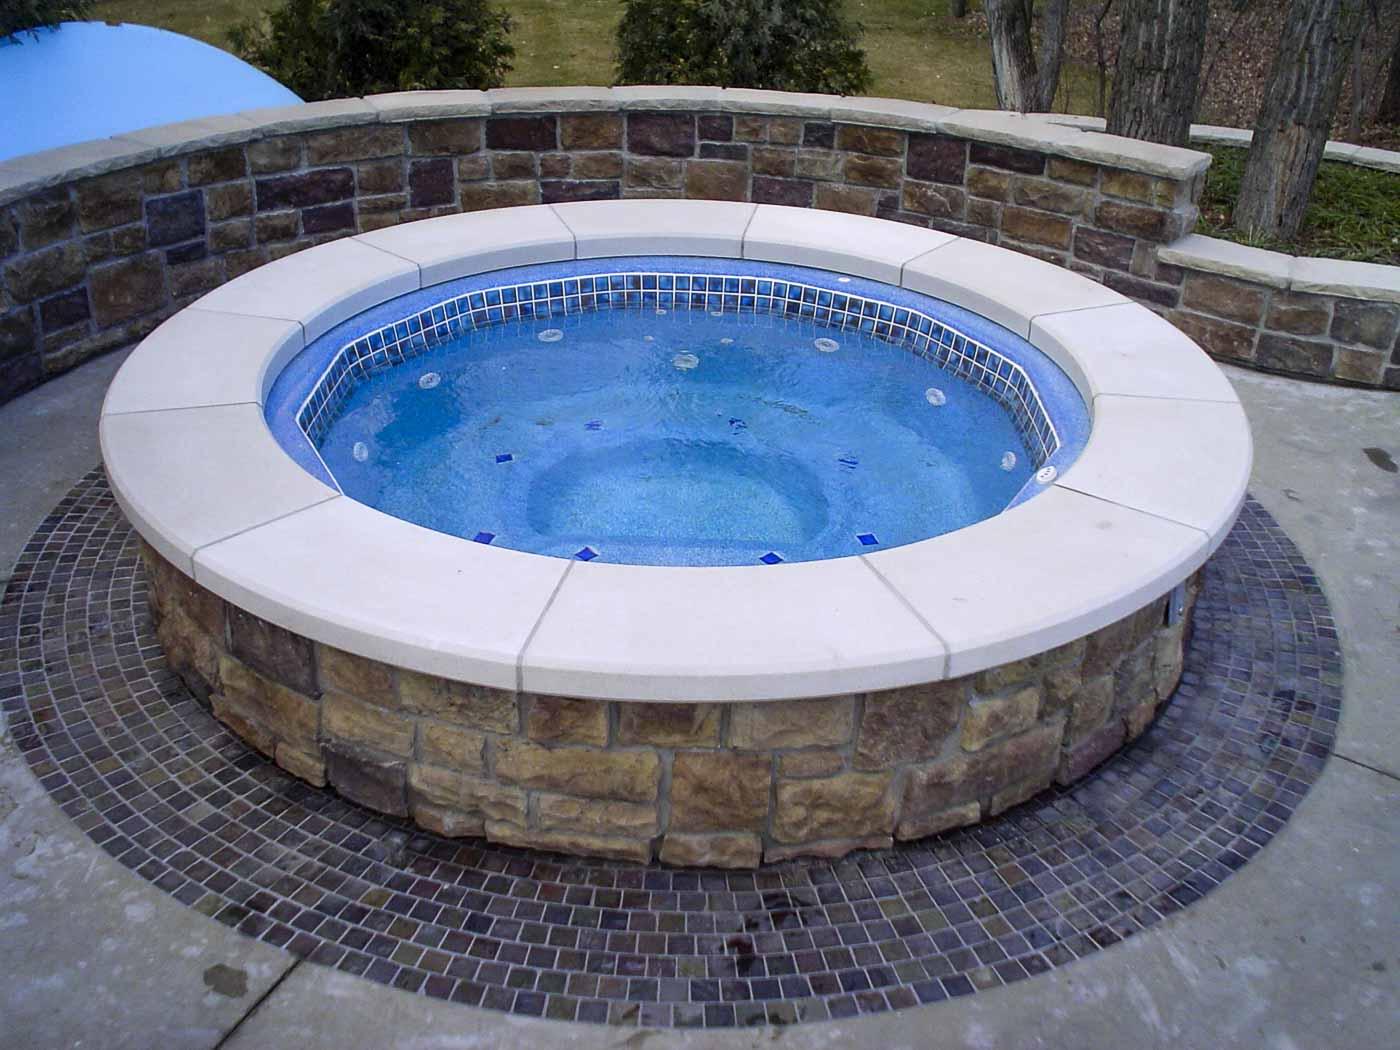 2009 Aquatech fibreglass pool hot tub